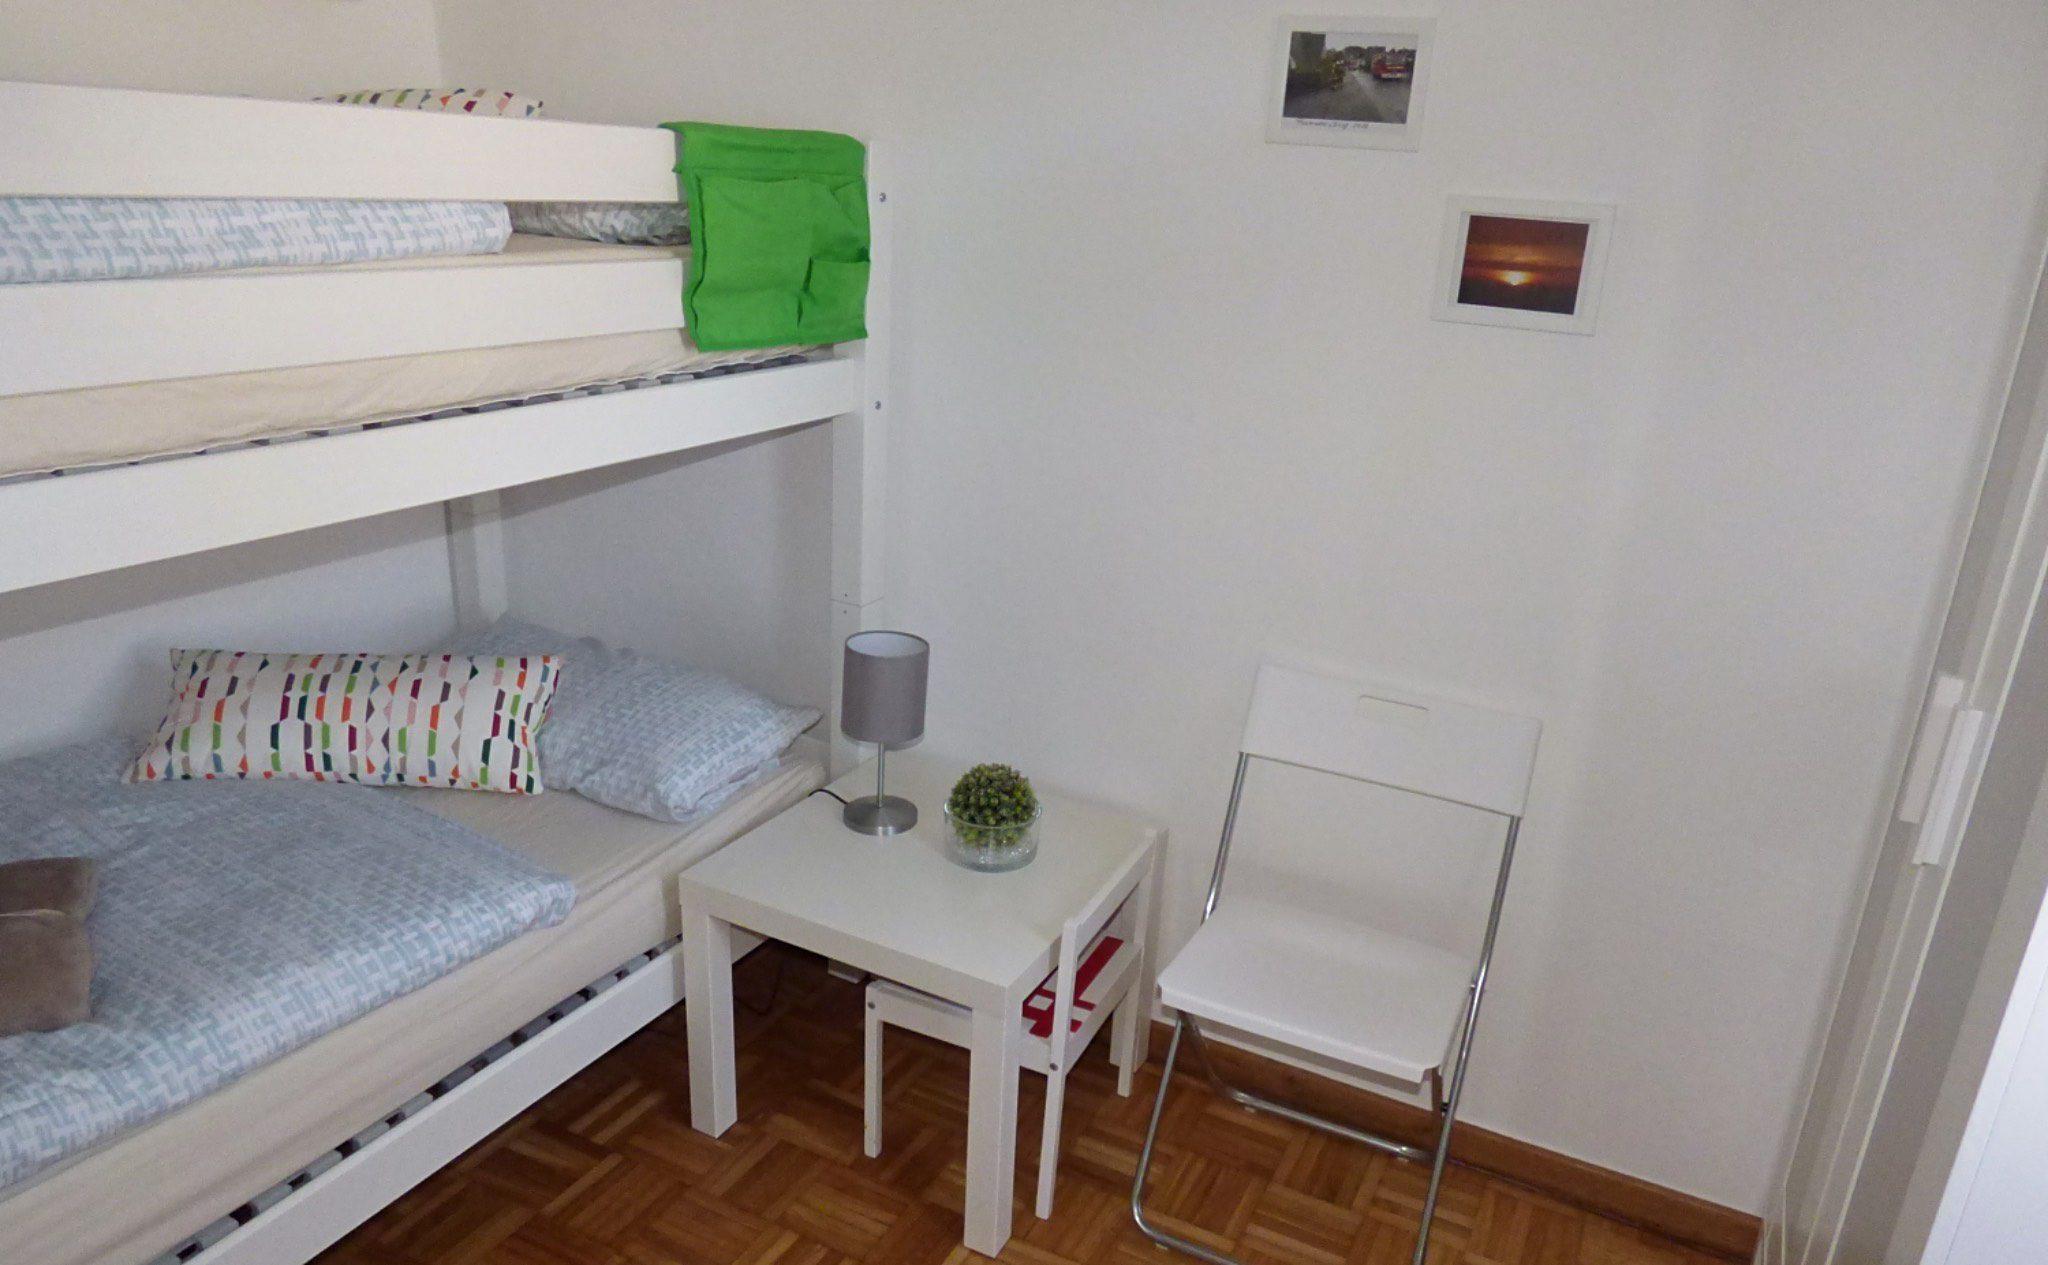 Ferienhaus Höhenflug - Schlafzimmer mit Etagenbett